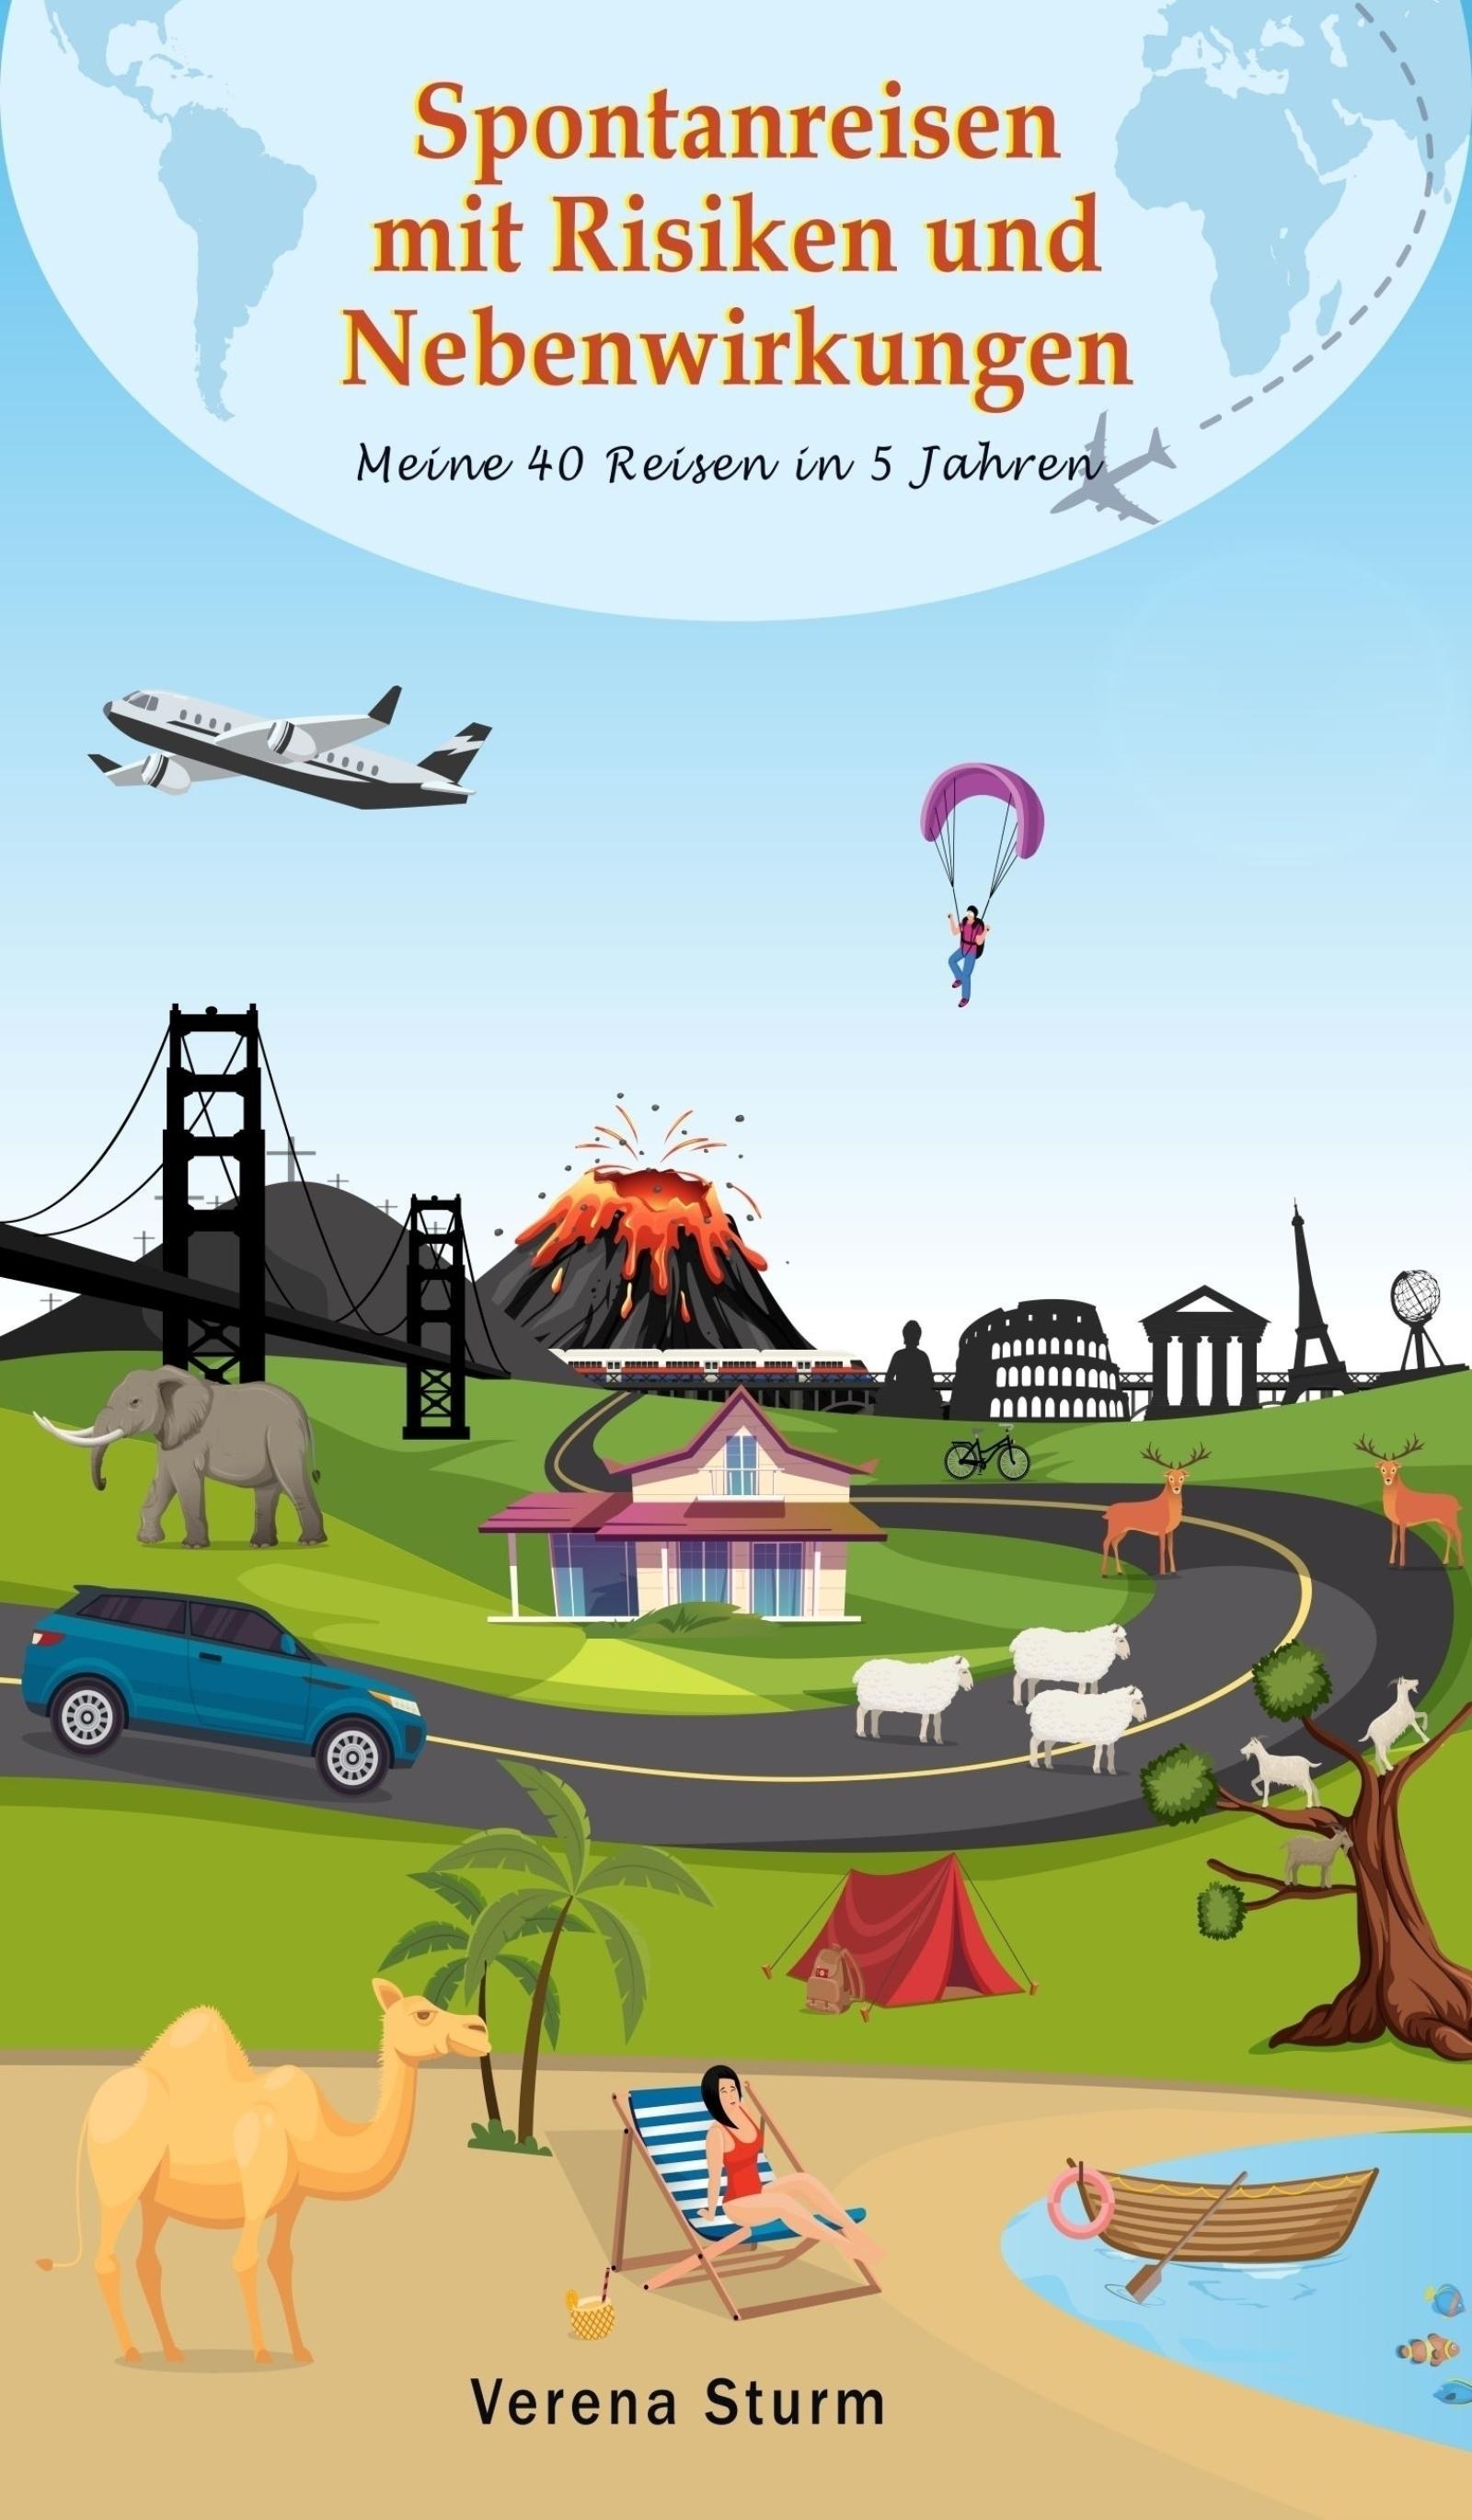 Spontanreisen mit Risiken und Nebenwirkungen